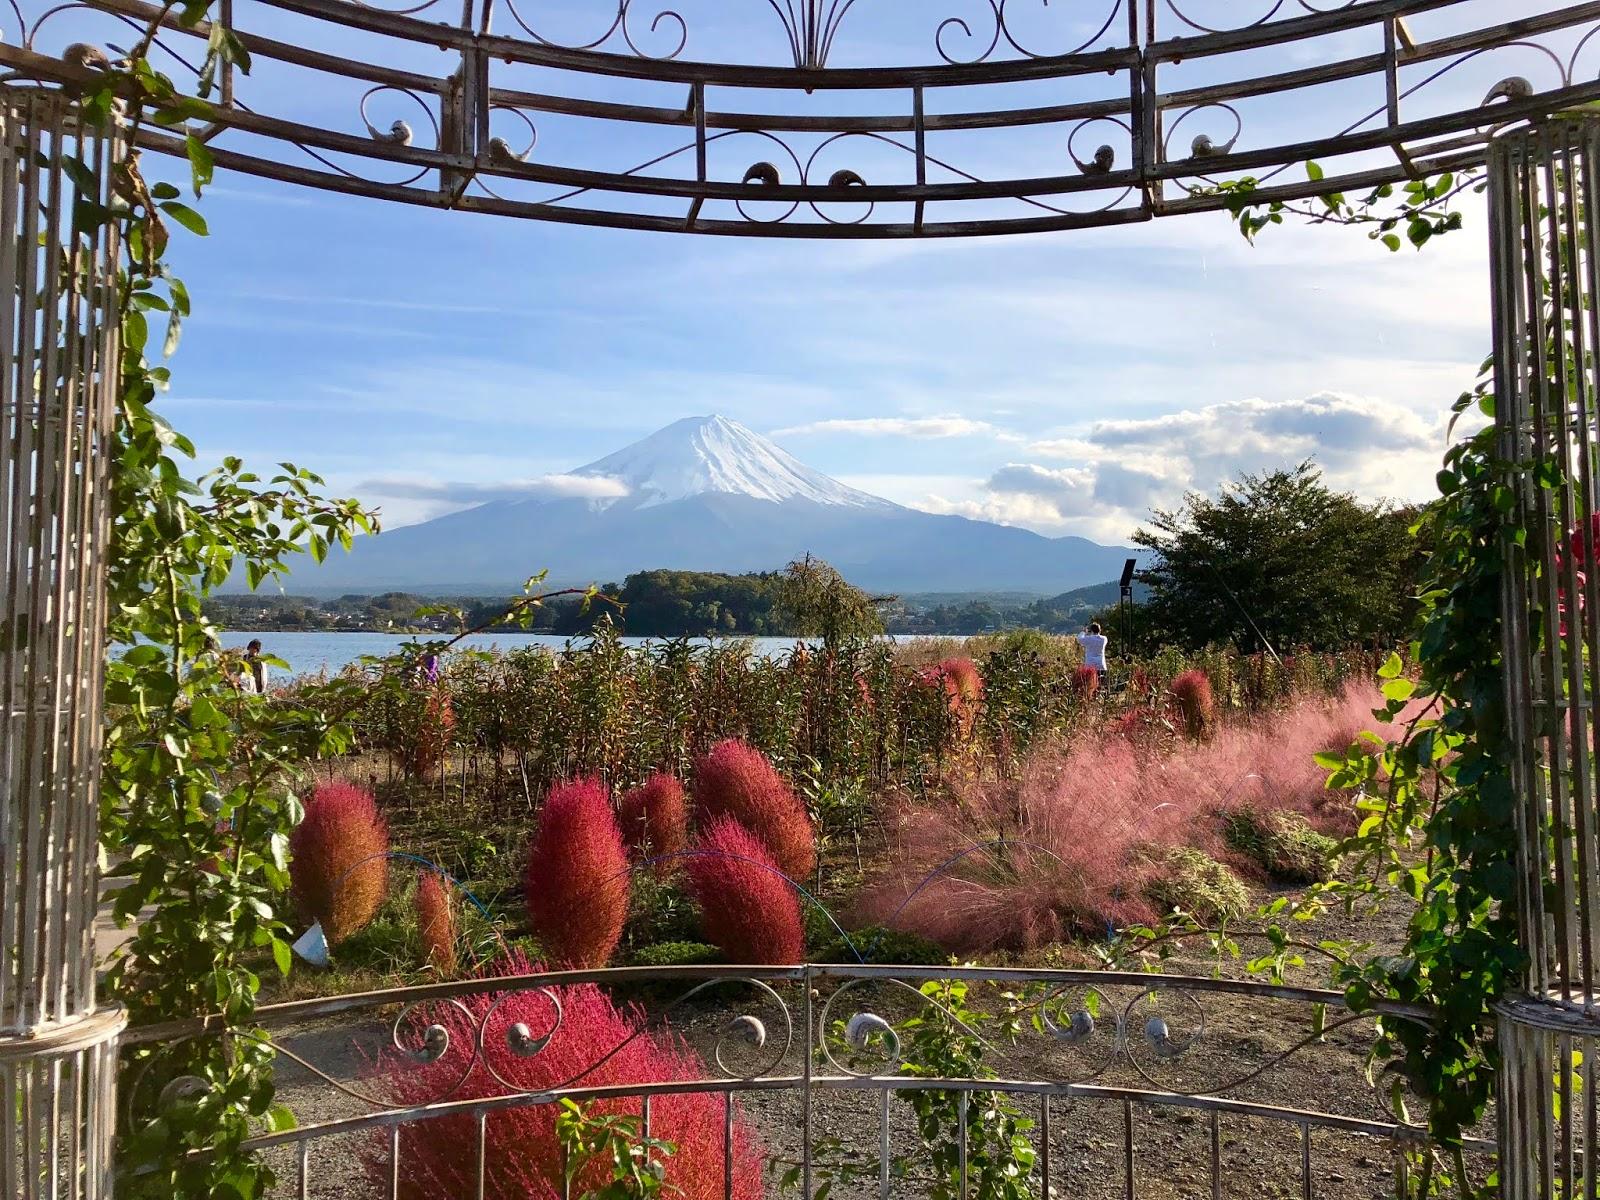 Download 75 Background Pemandangan Gunung Fuji HD Terbaik